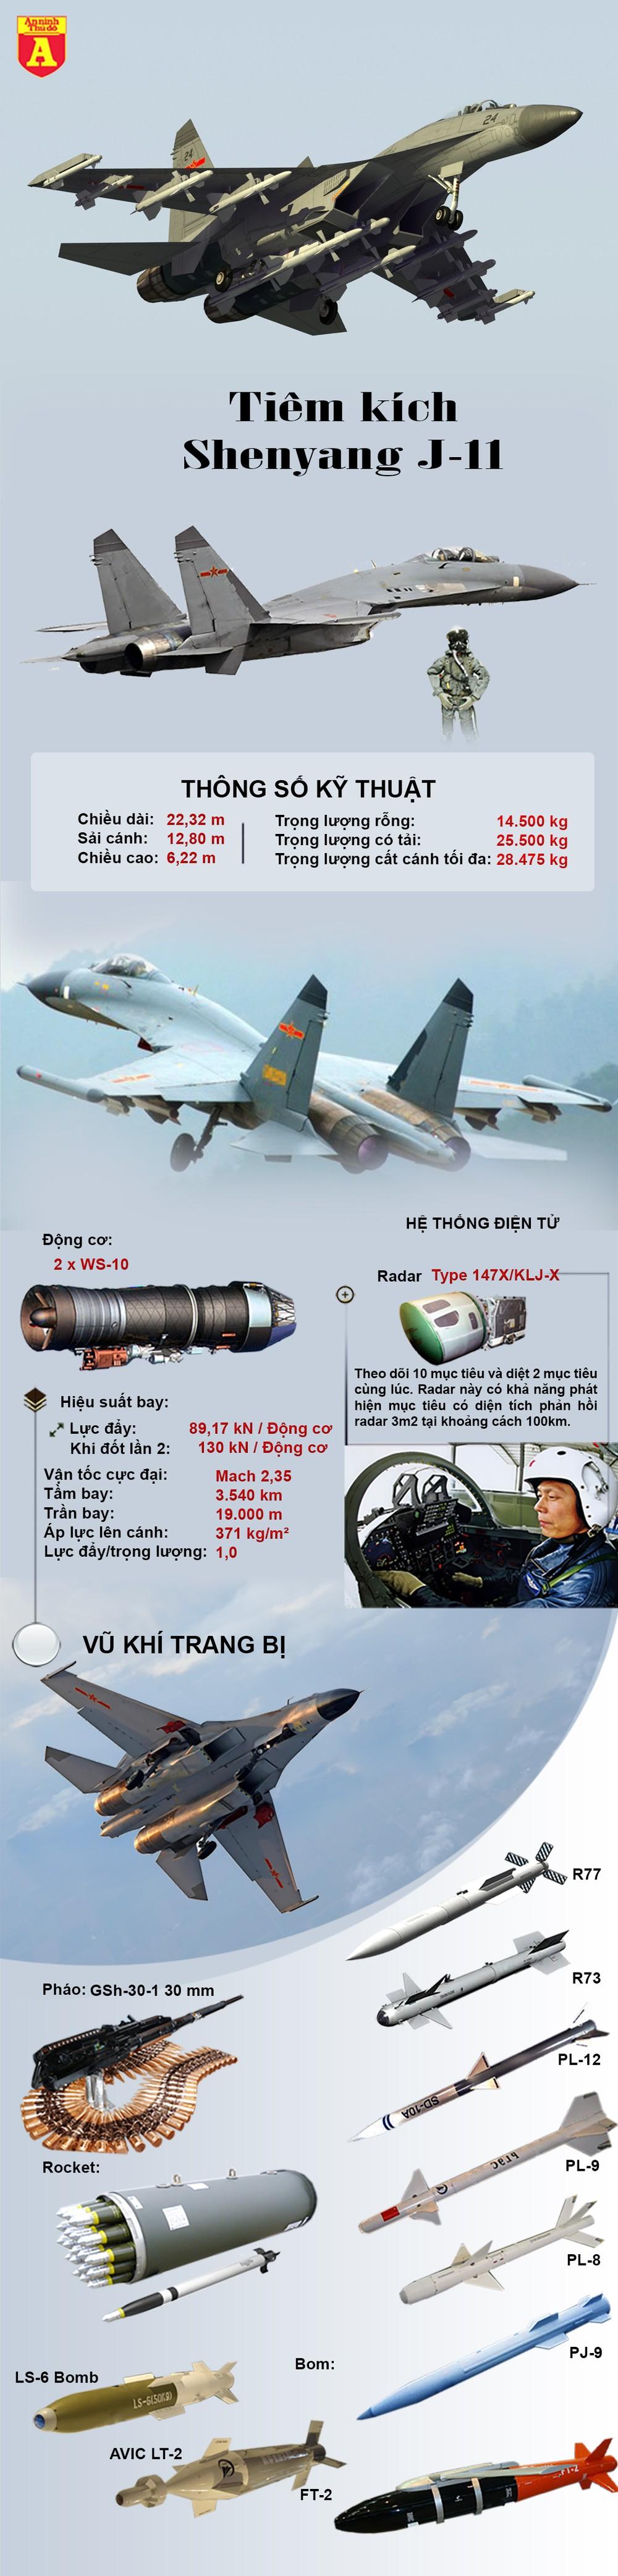 [Info] Phi đội chiến đấu cơ J-11 Trung Quốc vừa chạm mặt F-16 của Đài Loan ảnh 2